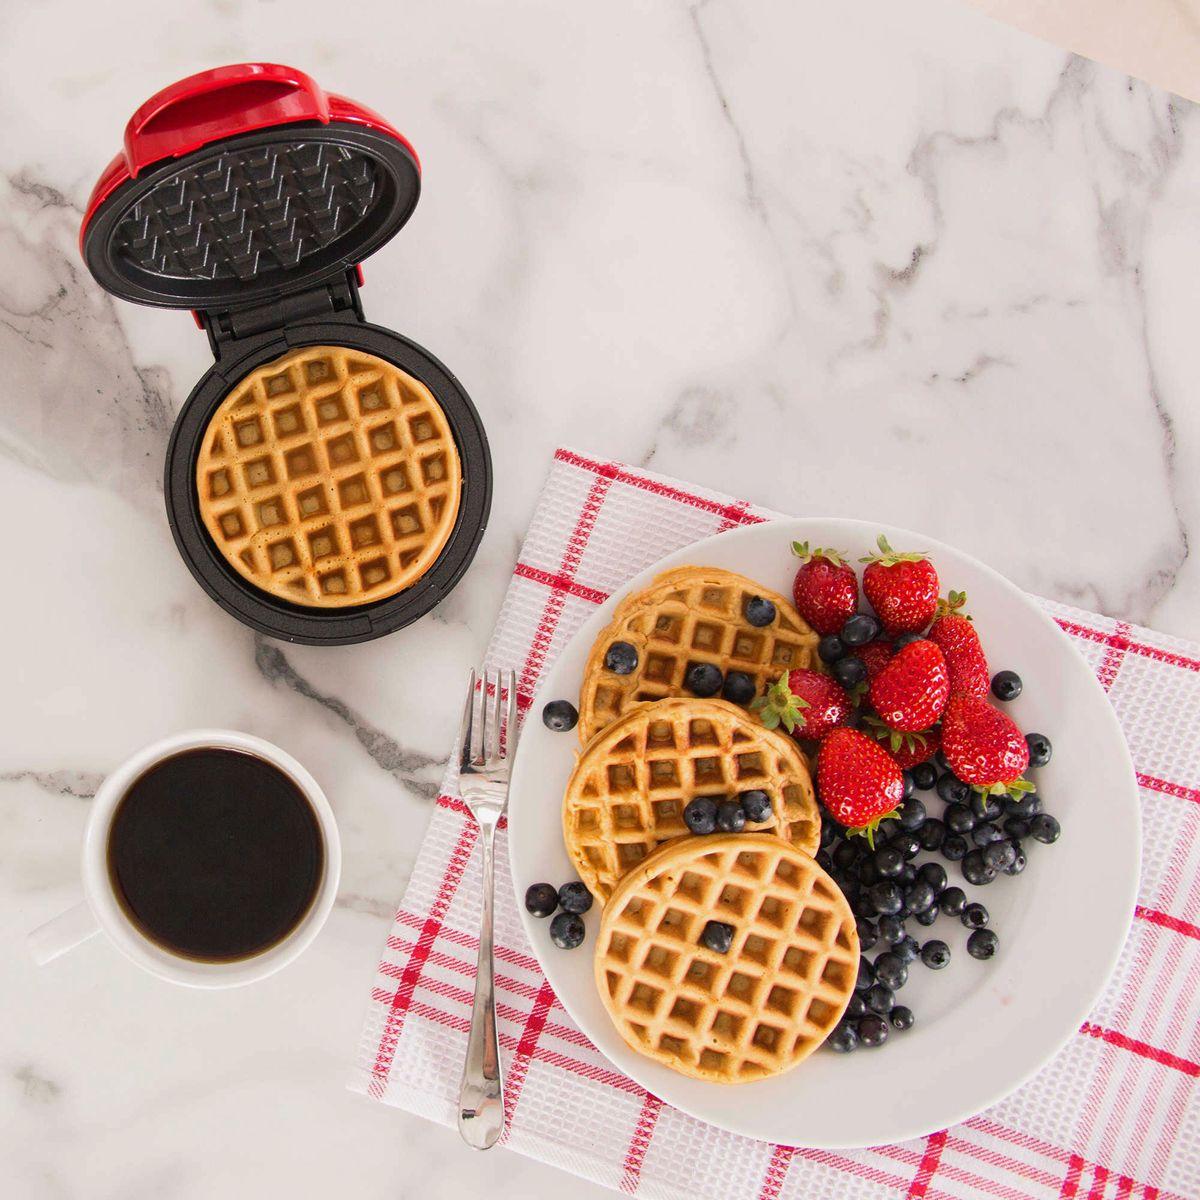 Từ 239k, bạn đã sắm được máy làm bánh waffle xịn sò hệt ngoài tiệm như Hà Tăng - Ảnh 4.